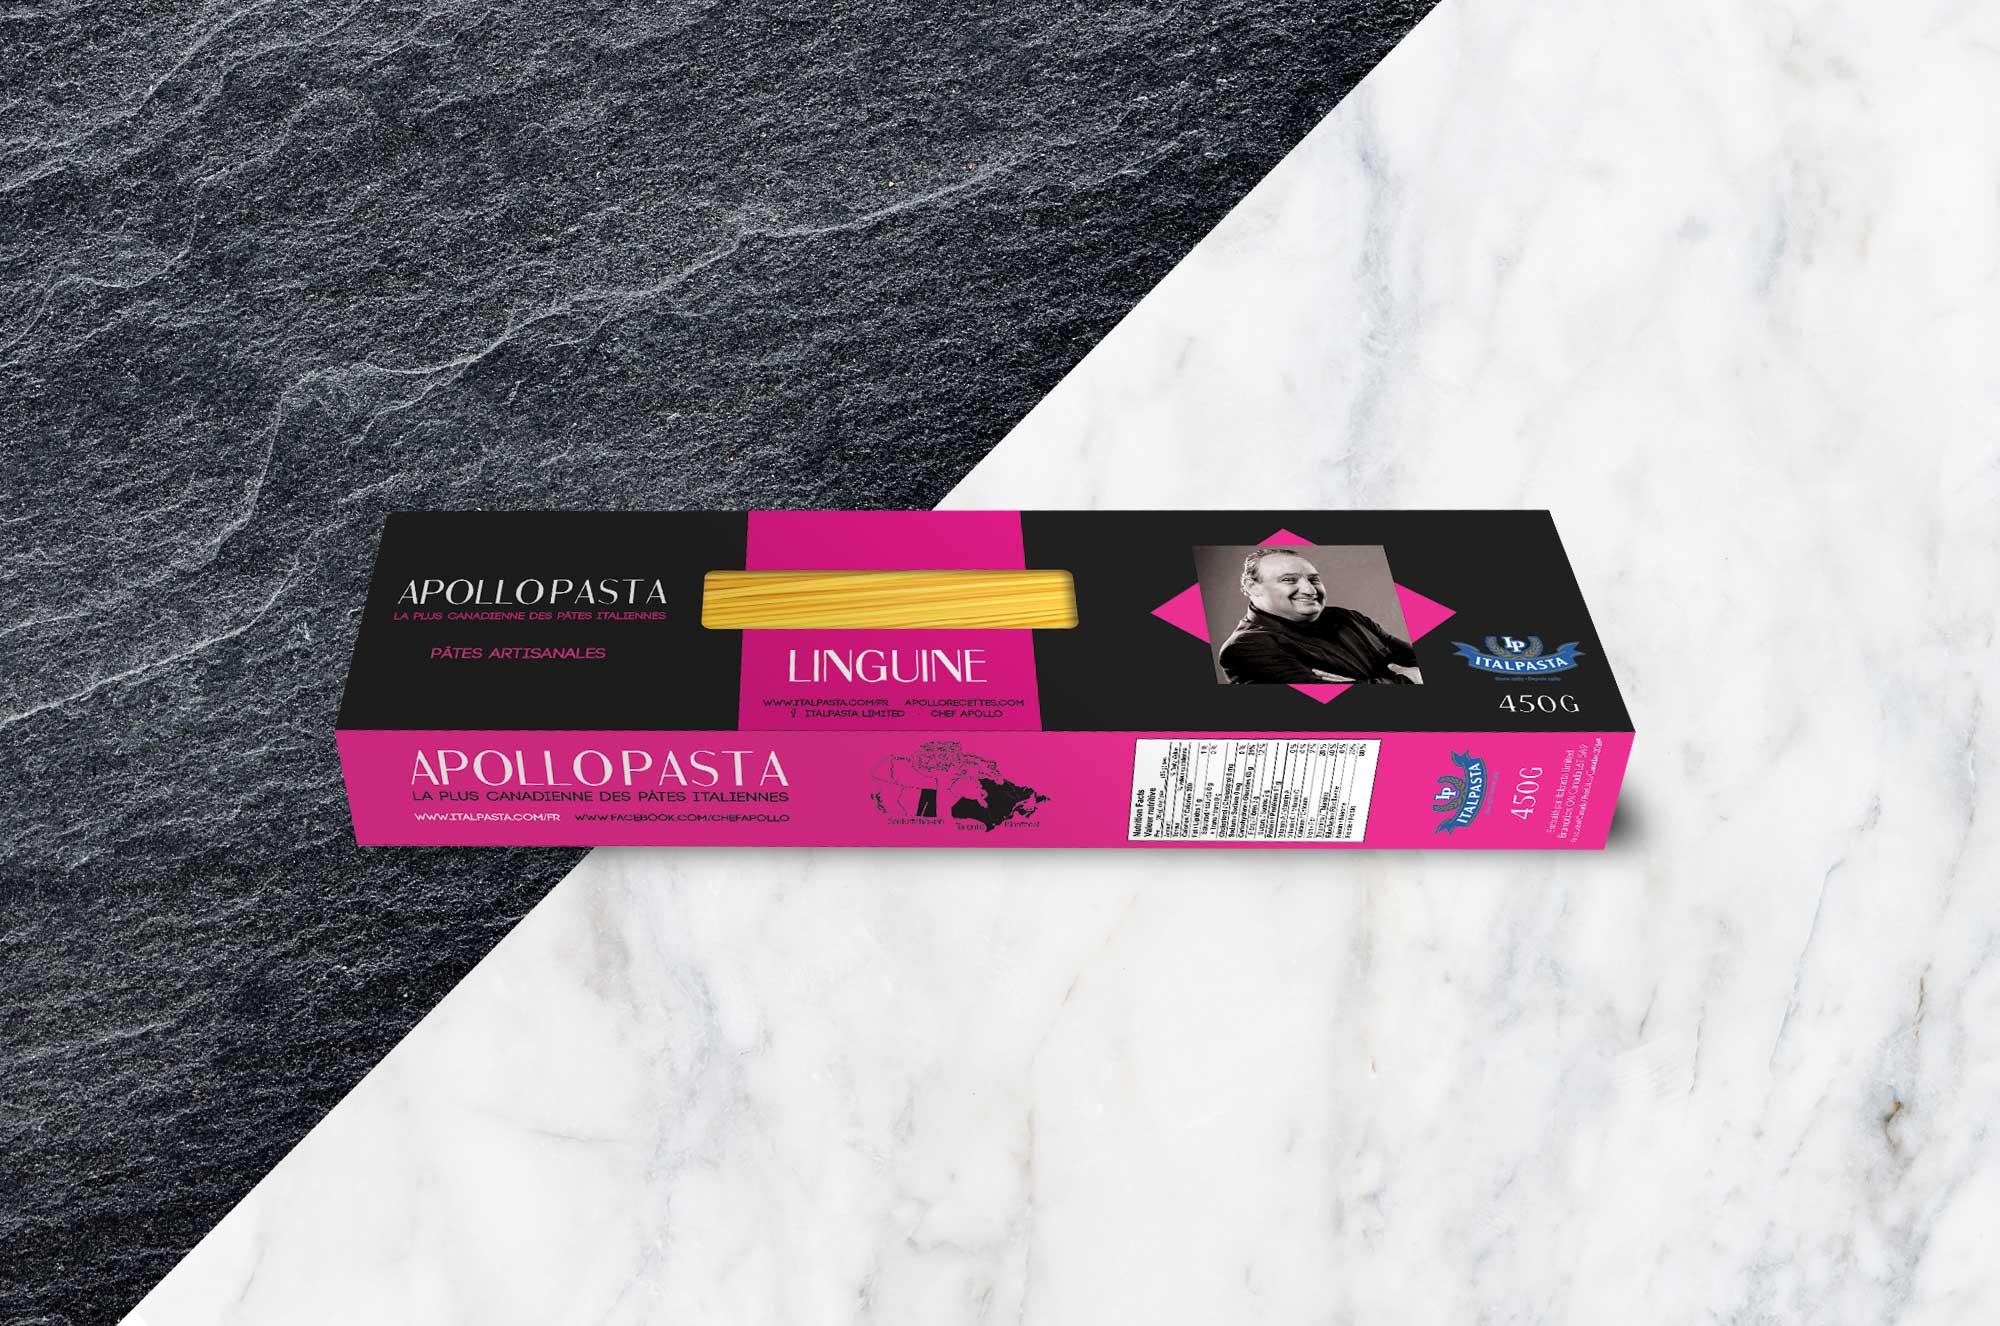 Boîte de Linguine - packaging